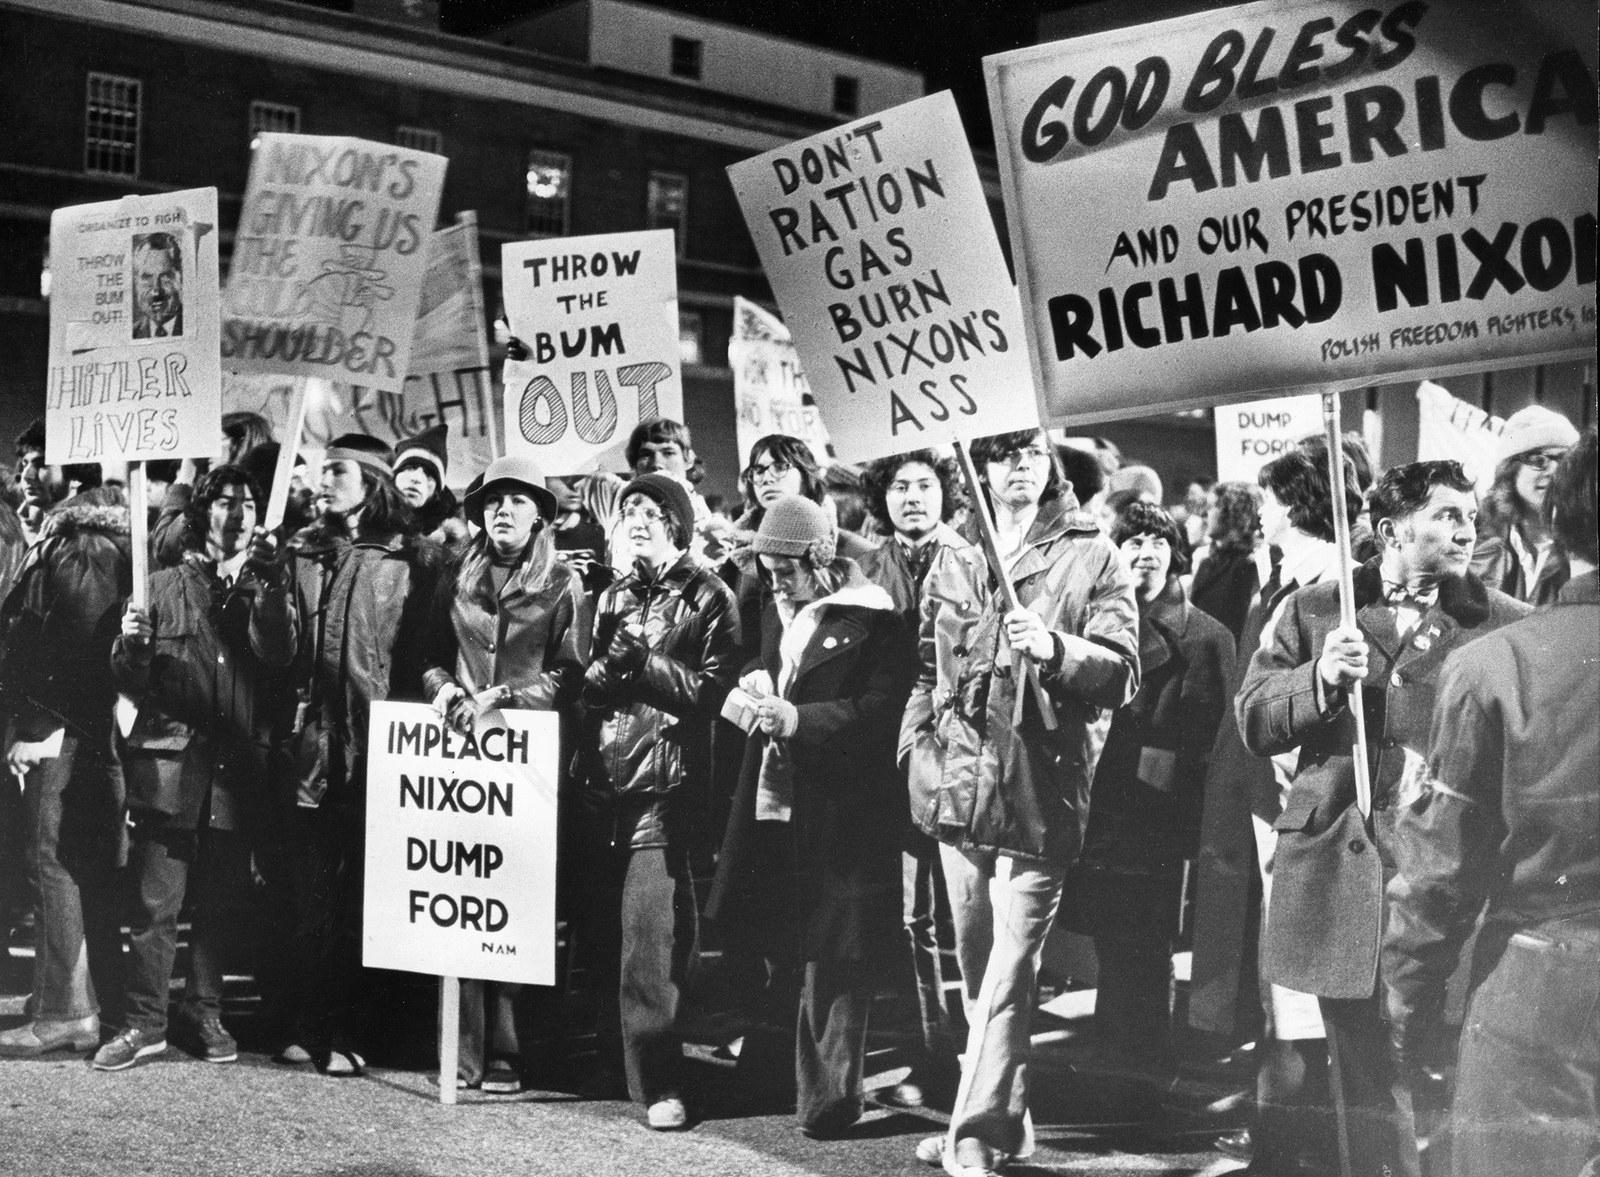 Anti-Nixon protesters march to the Sheraton Hotel in Boston on March 11, 1974.